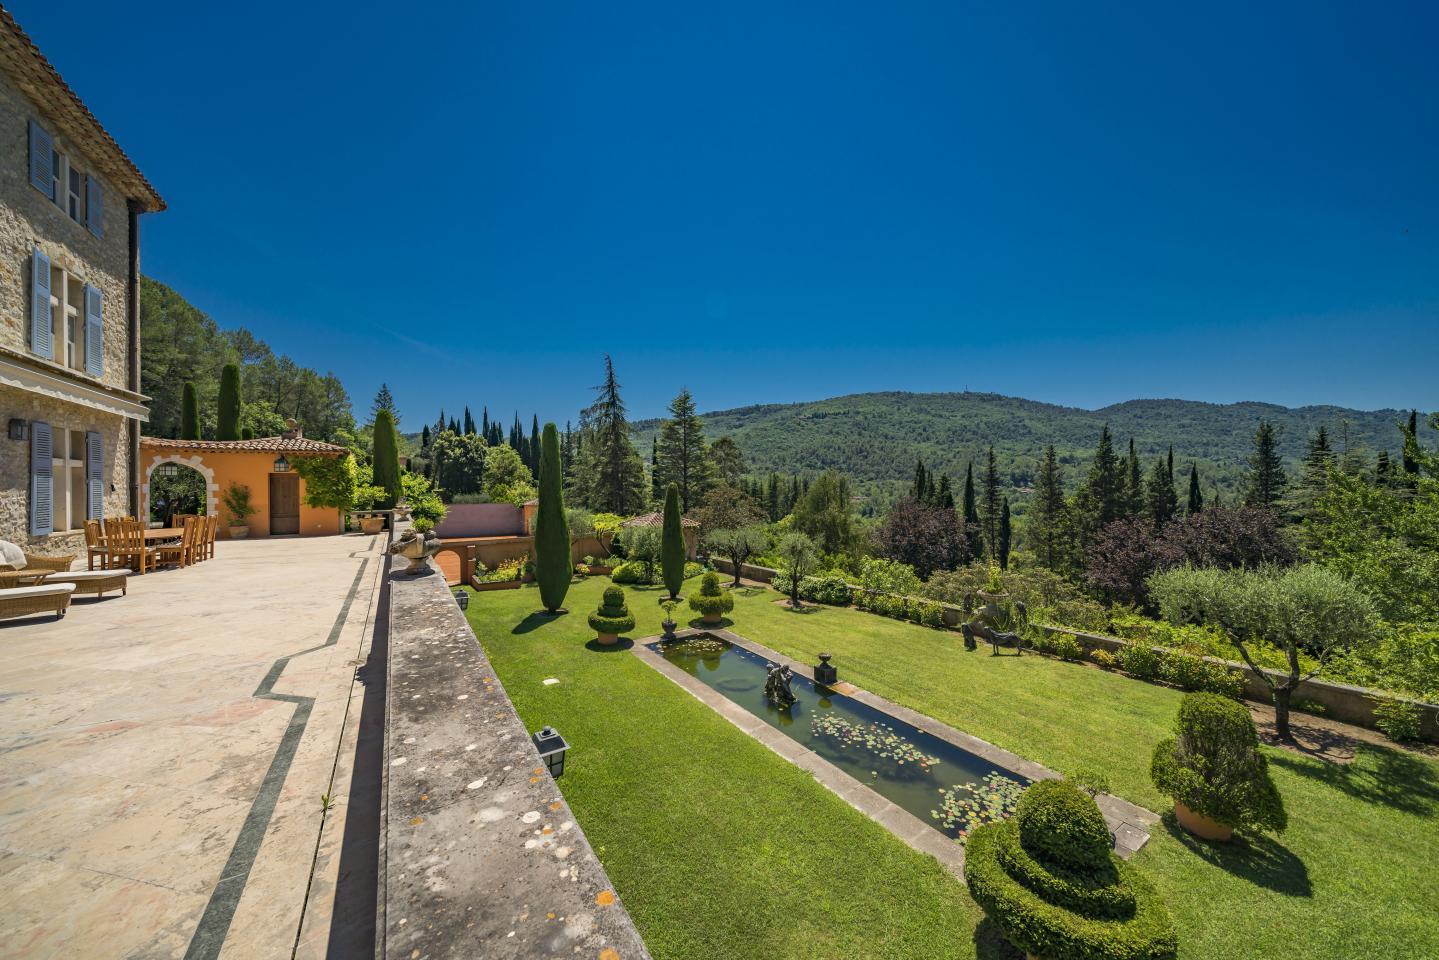 L'artiste paysagiste provençal Jean Mus a rétablit les oliviers centenaires, et rénové les fontaines, les bassins et les nombreuses statues.